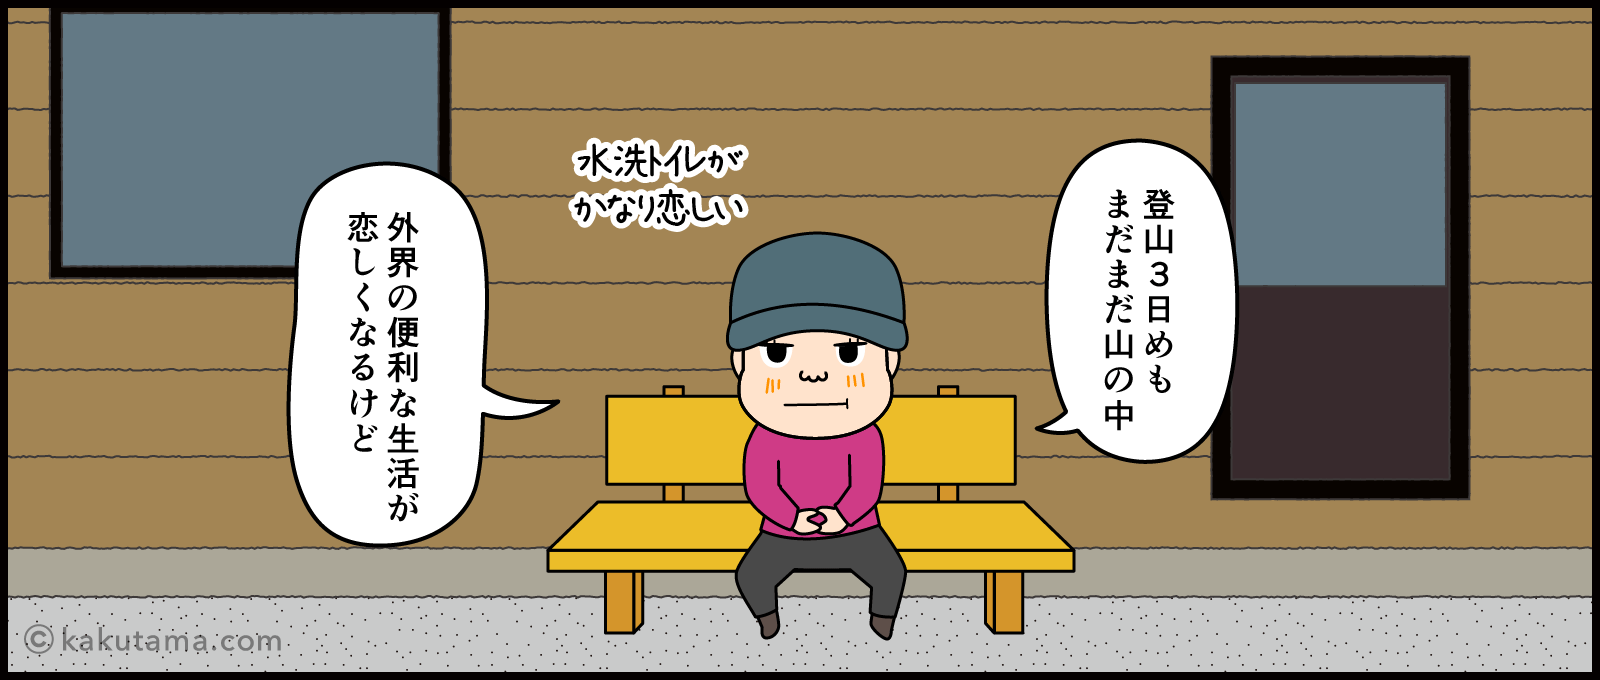 山小屋で休憩する登山者の漫画